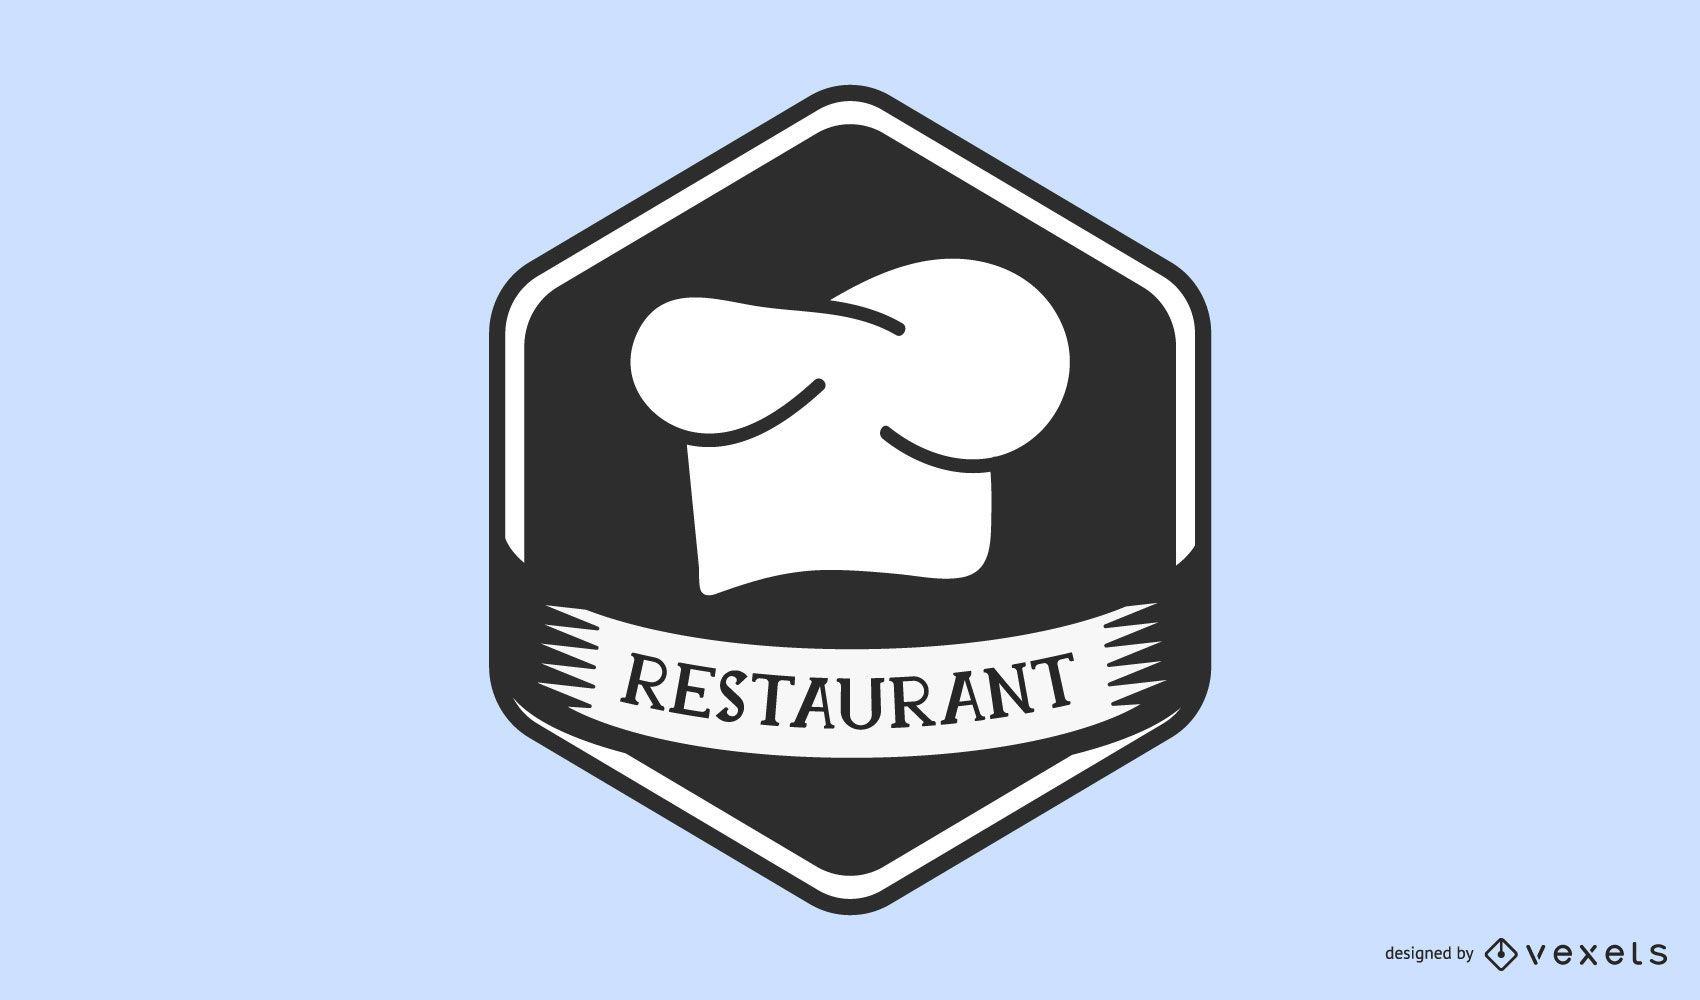 Diseño de logo de restaurante